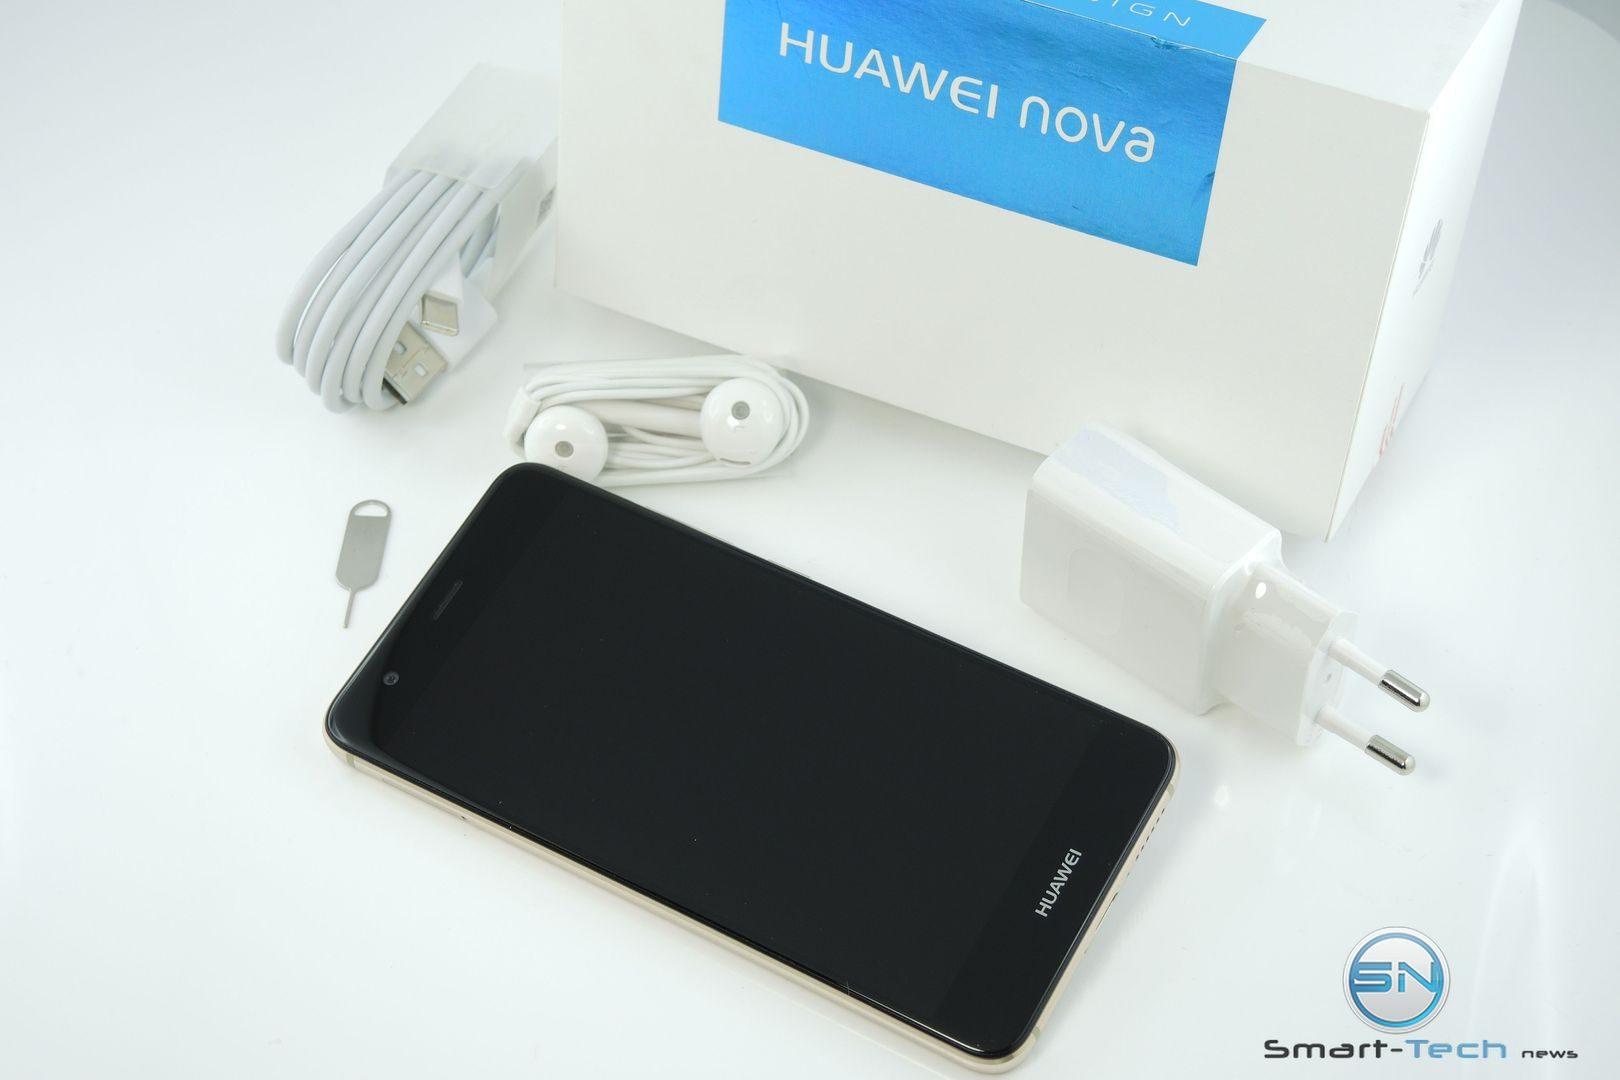 unboxing-huawei-nova-smarttechnews